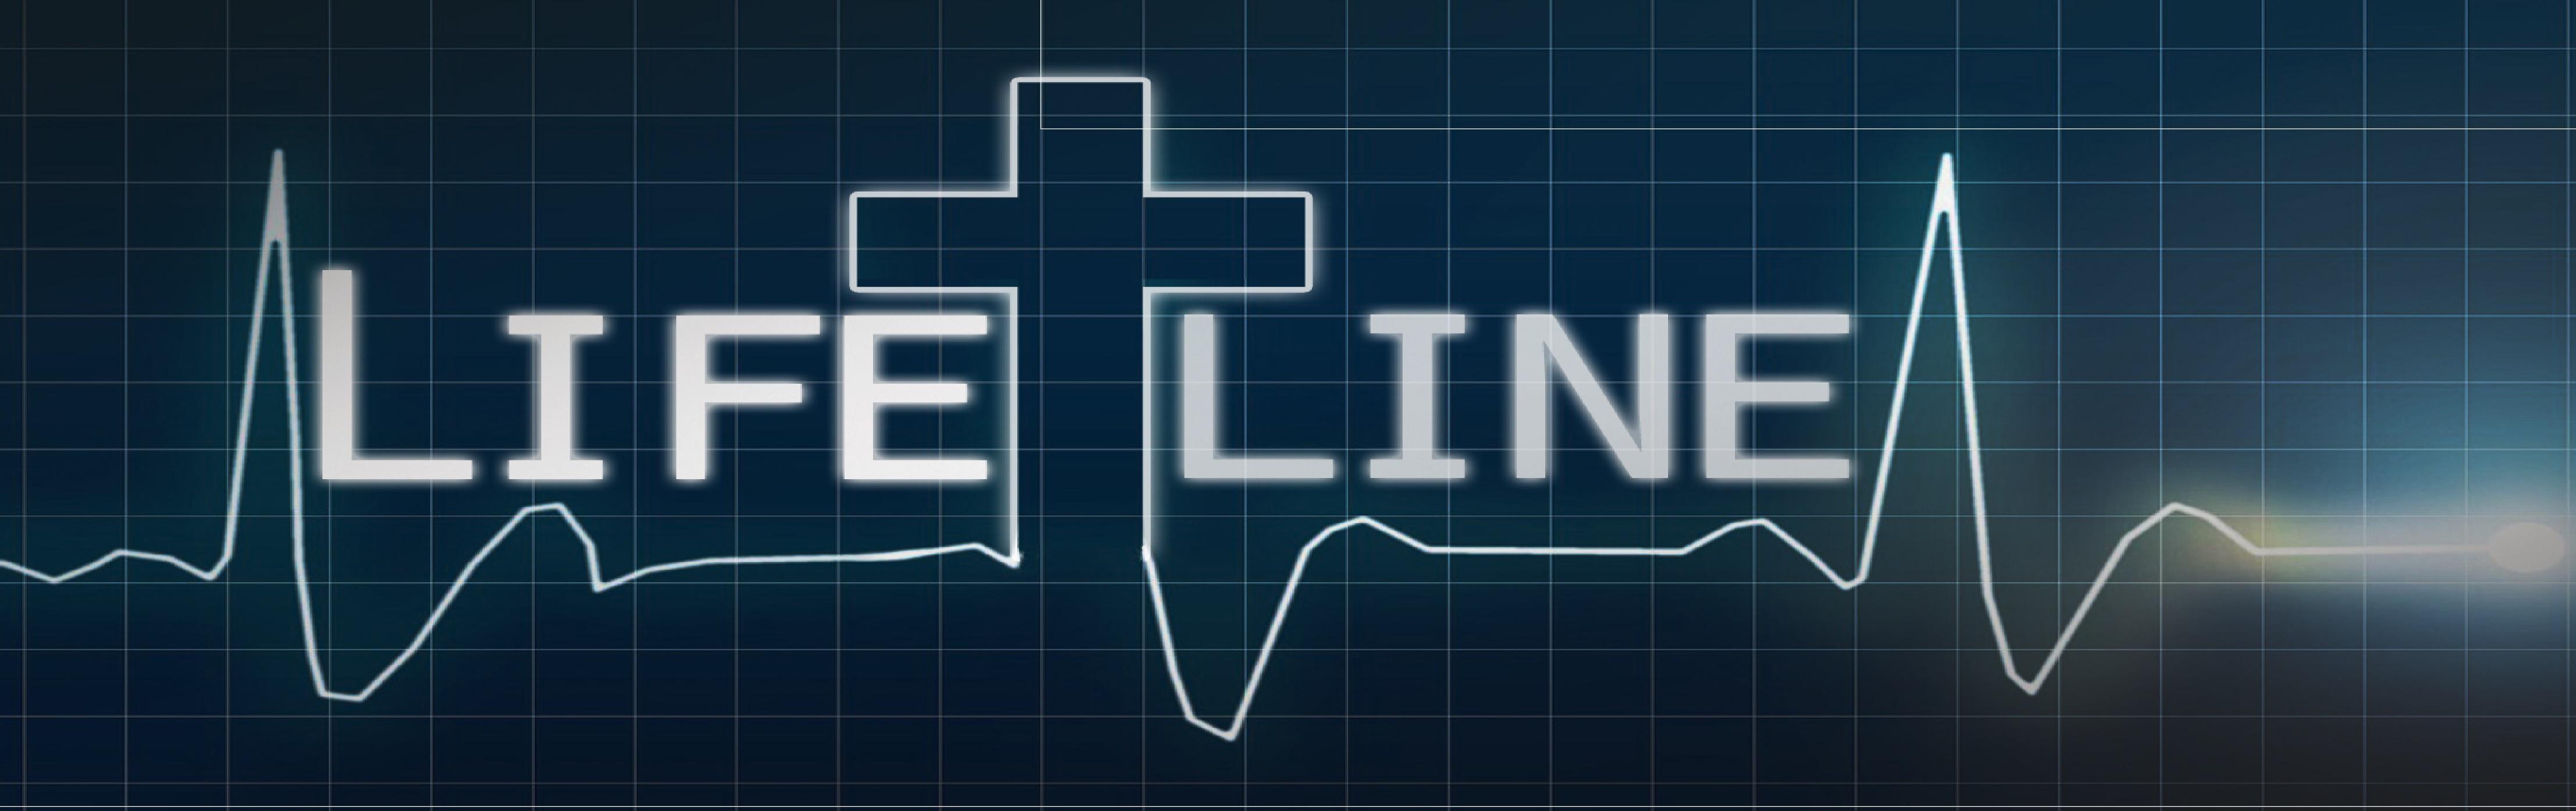 Faith Fellowship Church Melbourne Fl Lifeline